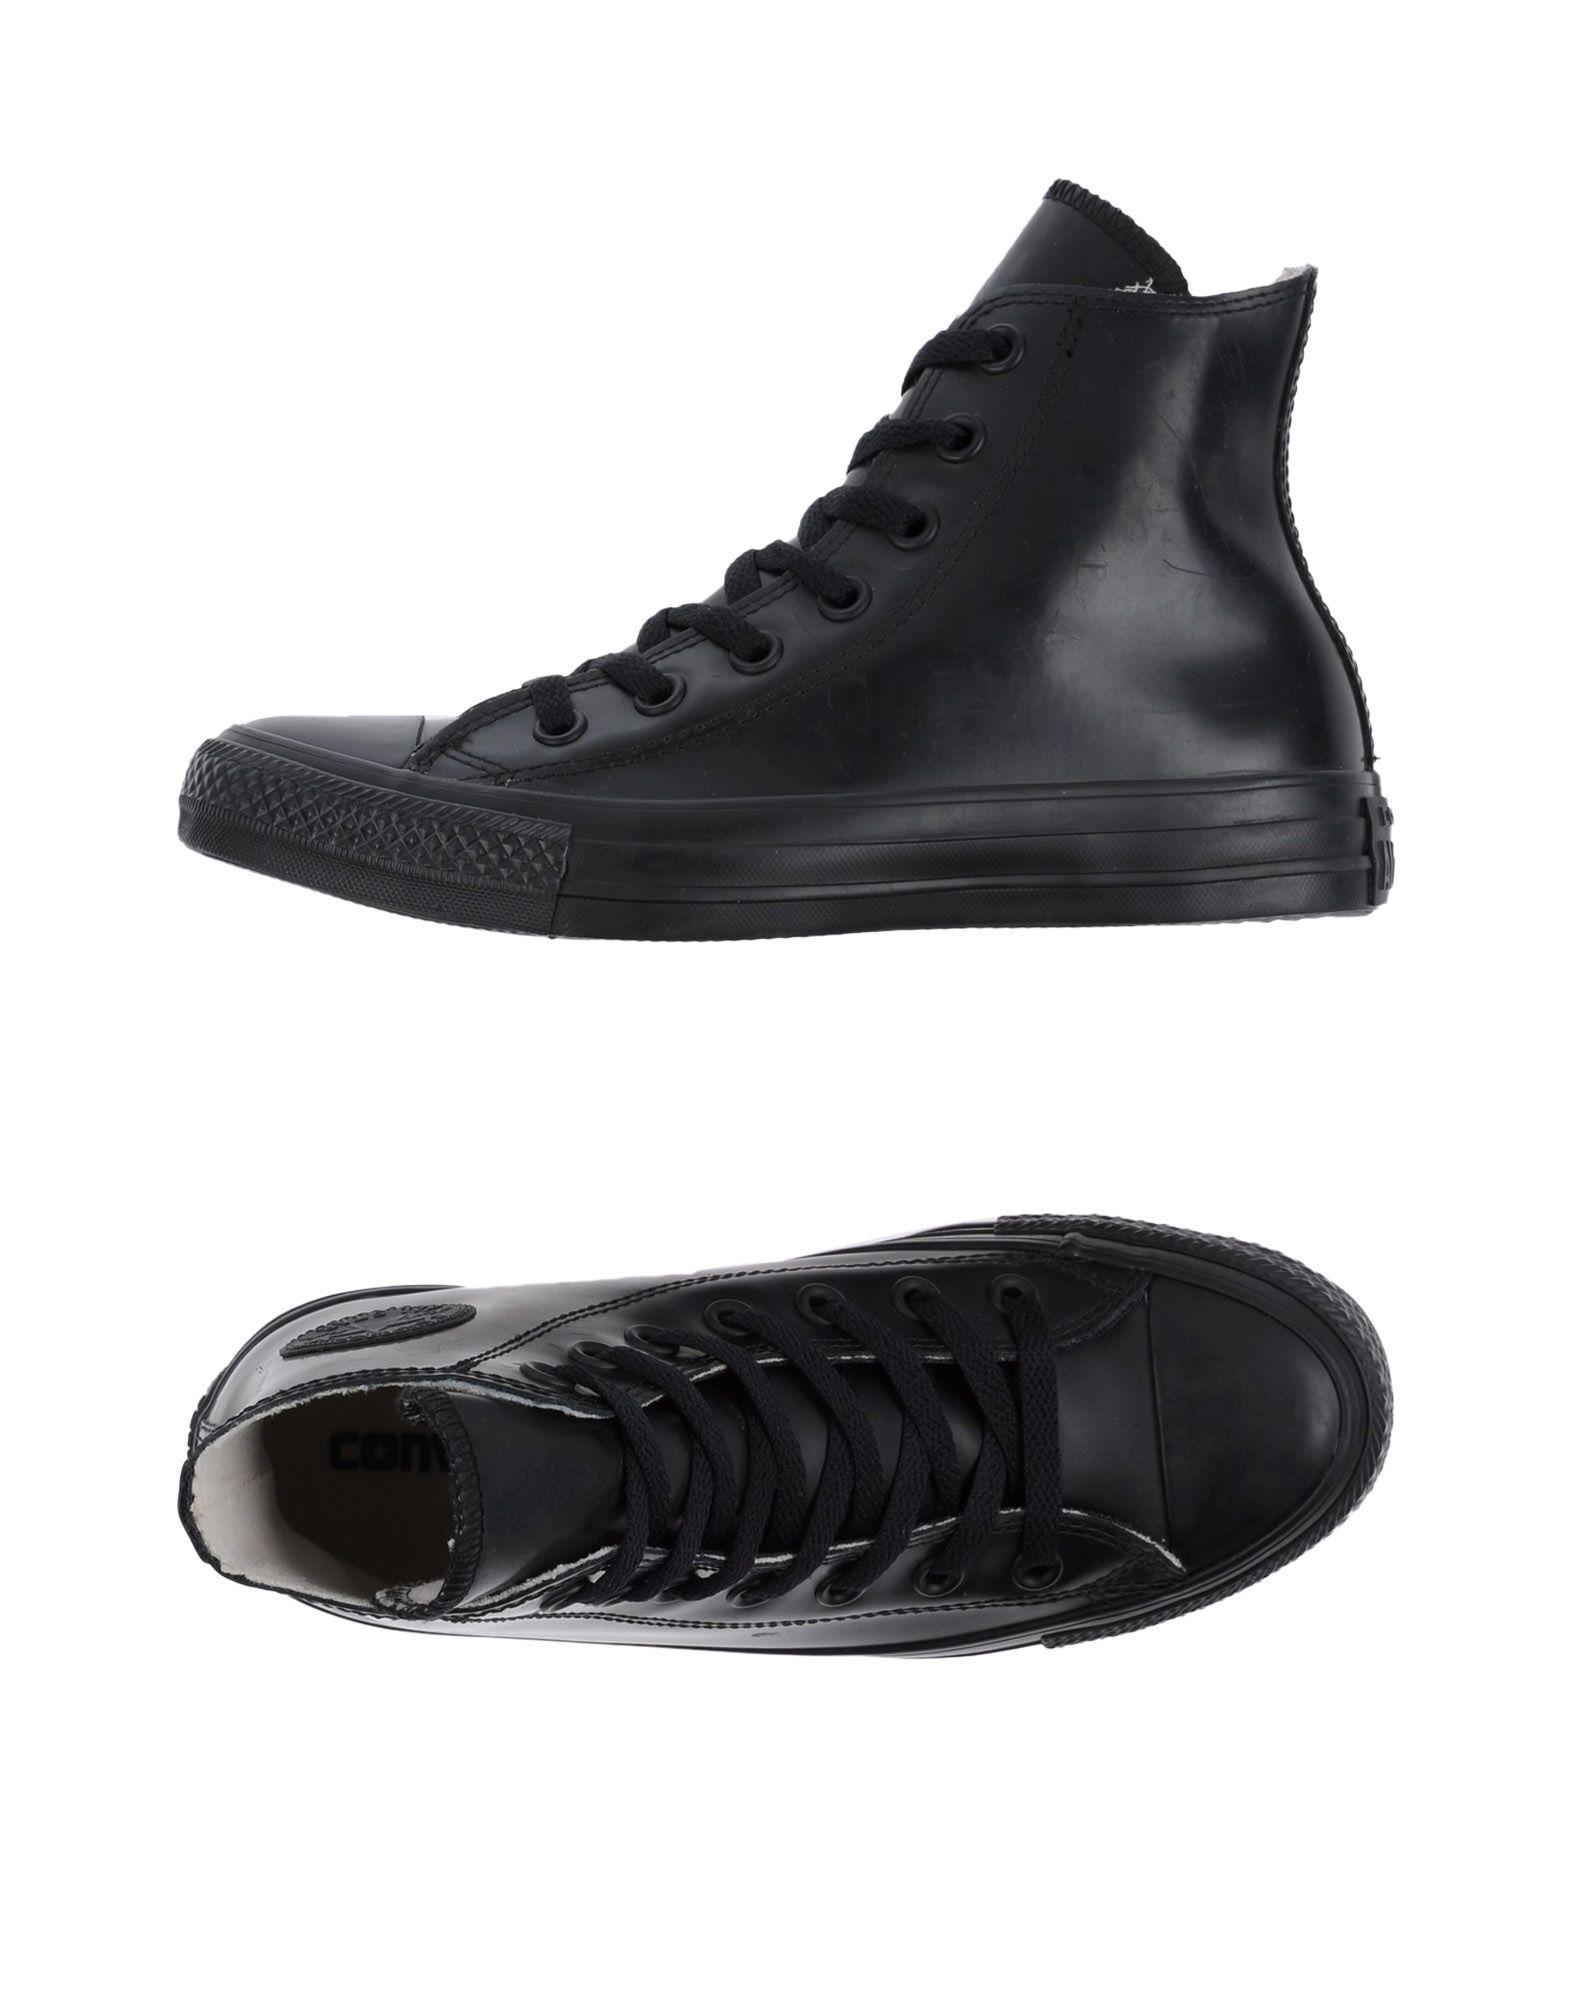 Negro Zapatillas Converse All Star Mujer - Zapatillas Converse Converse Converse All Star Los últimos zapatos de descuento para  hombres  y mujeres f258c5